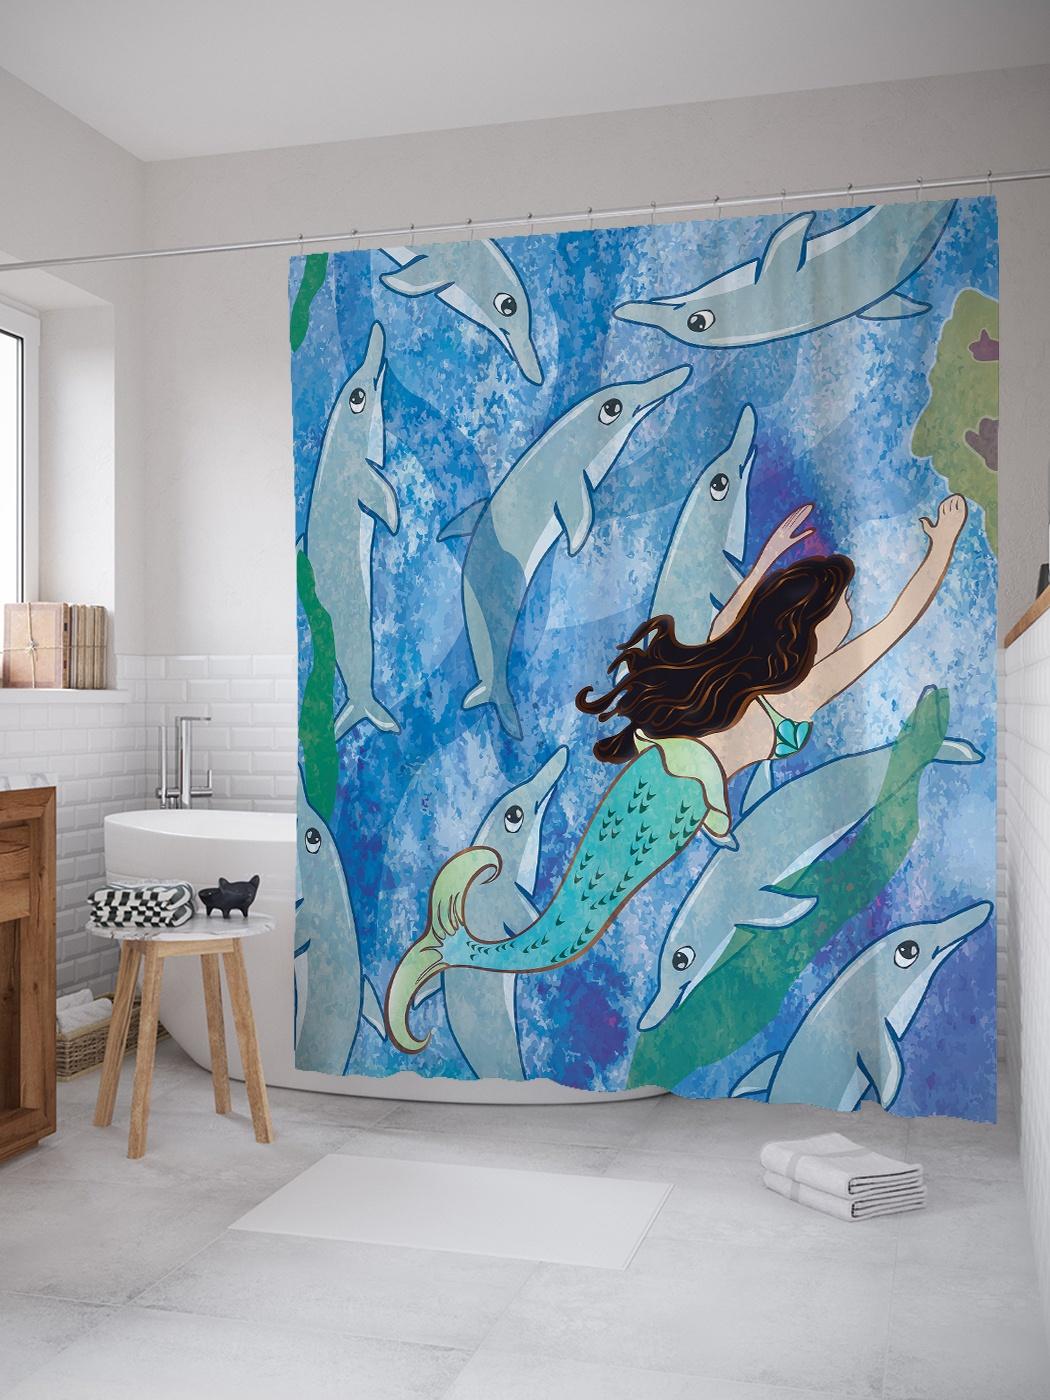 Штора (занавеска) для ванной «Дельфины и русалка » из ткани, 180х200 см с крючками